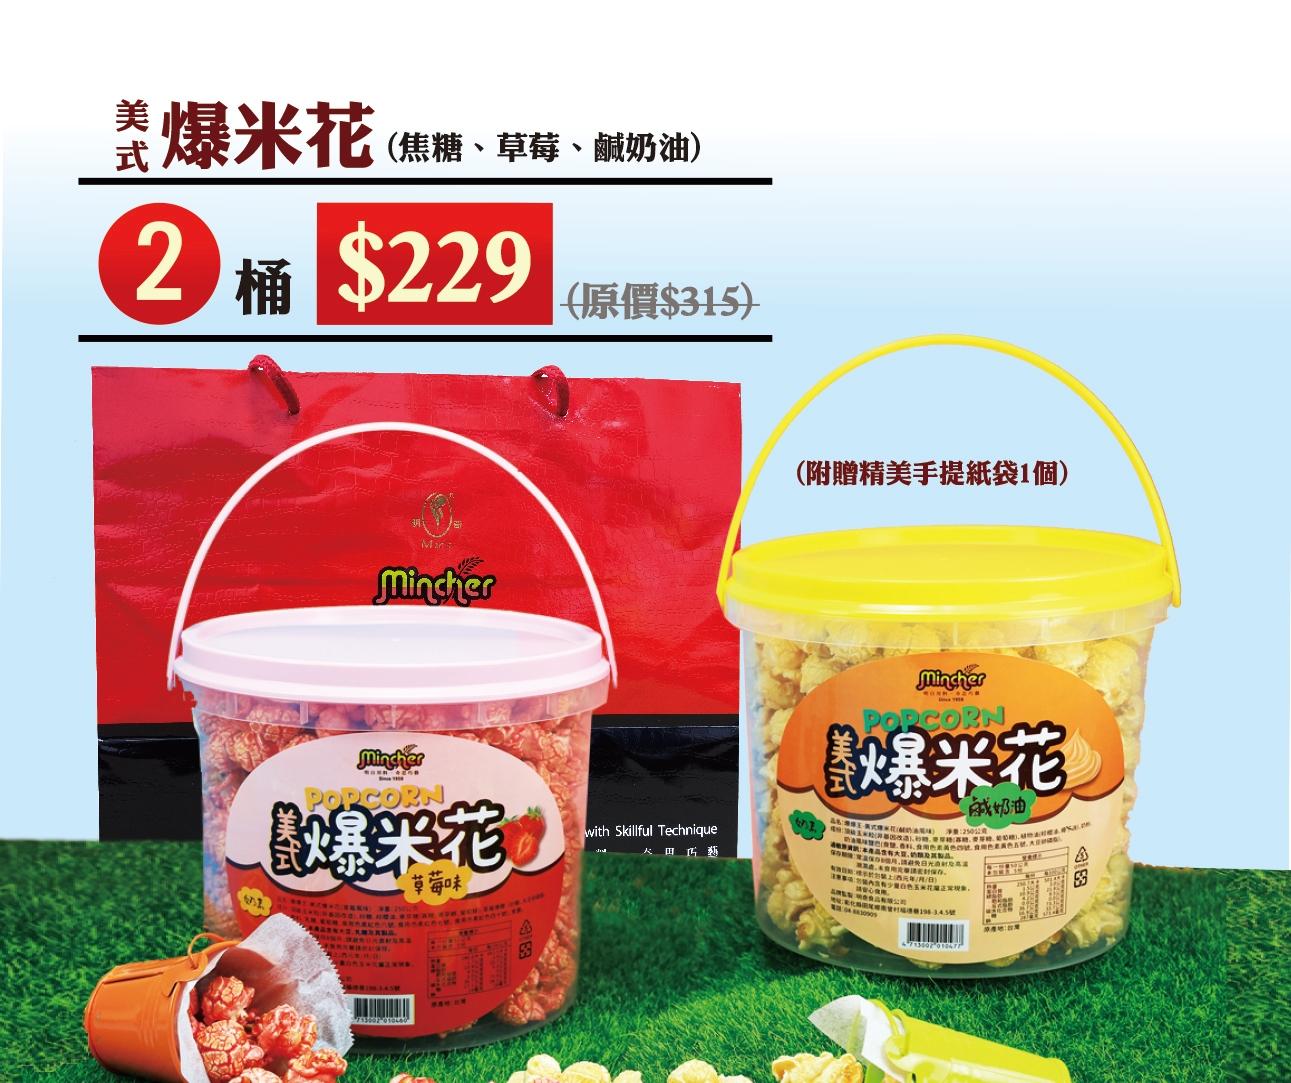 【超取限4桶】爆爆王-美式手工爆米花(焦糖口味)250g